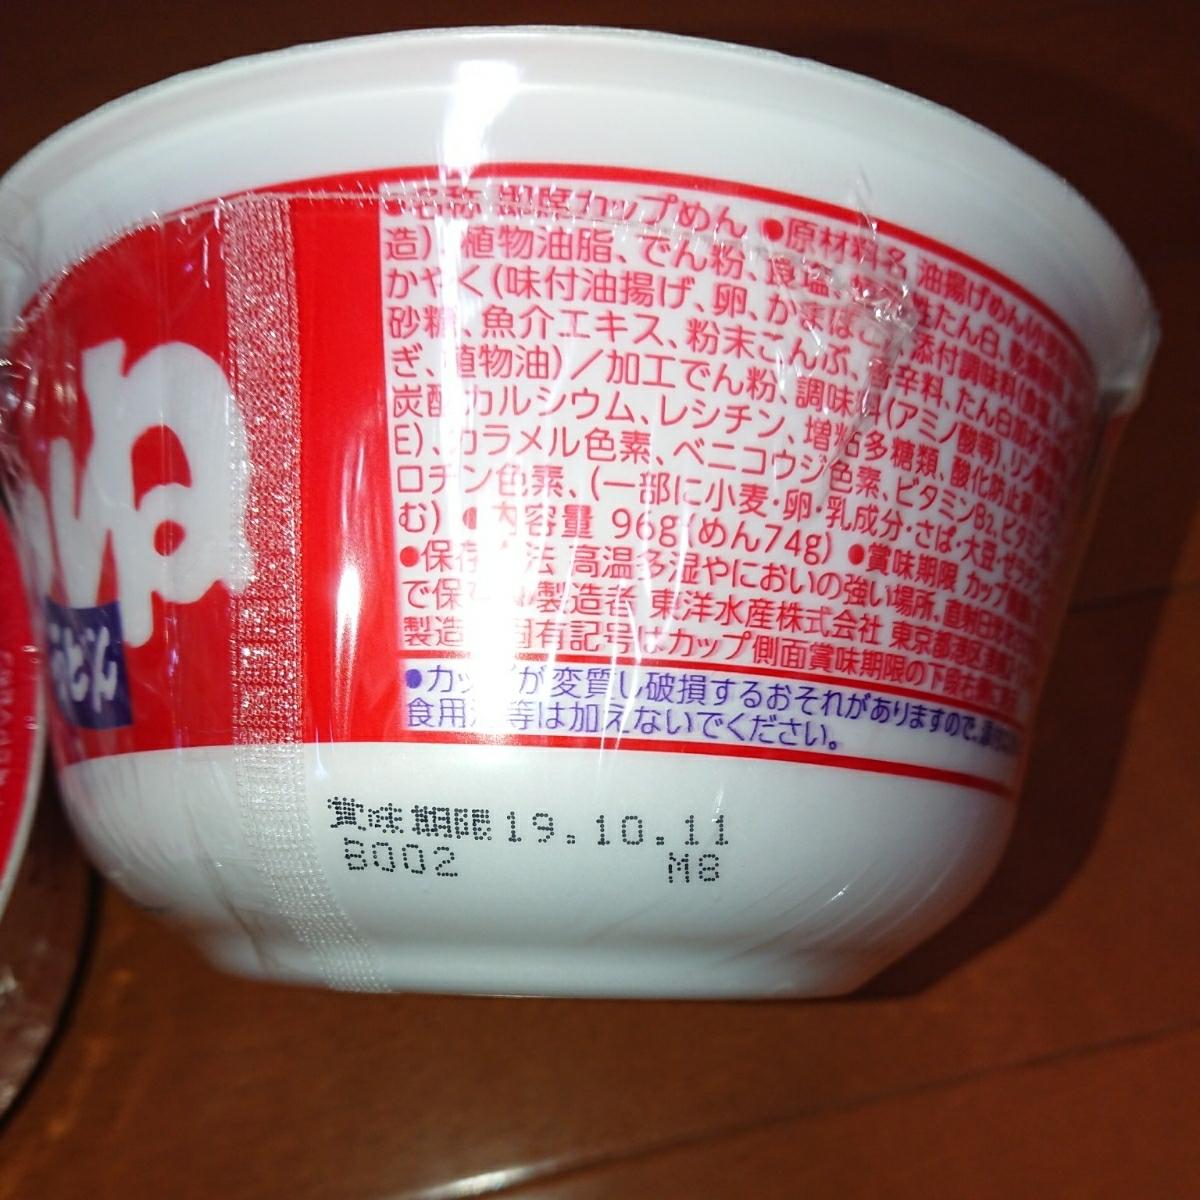 カップ麺 まとめて 18個 送料無料_画像5